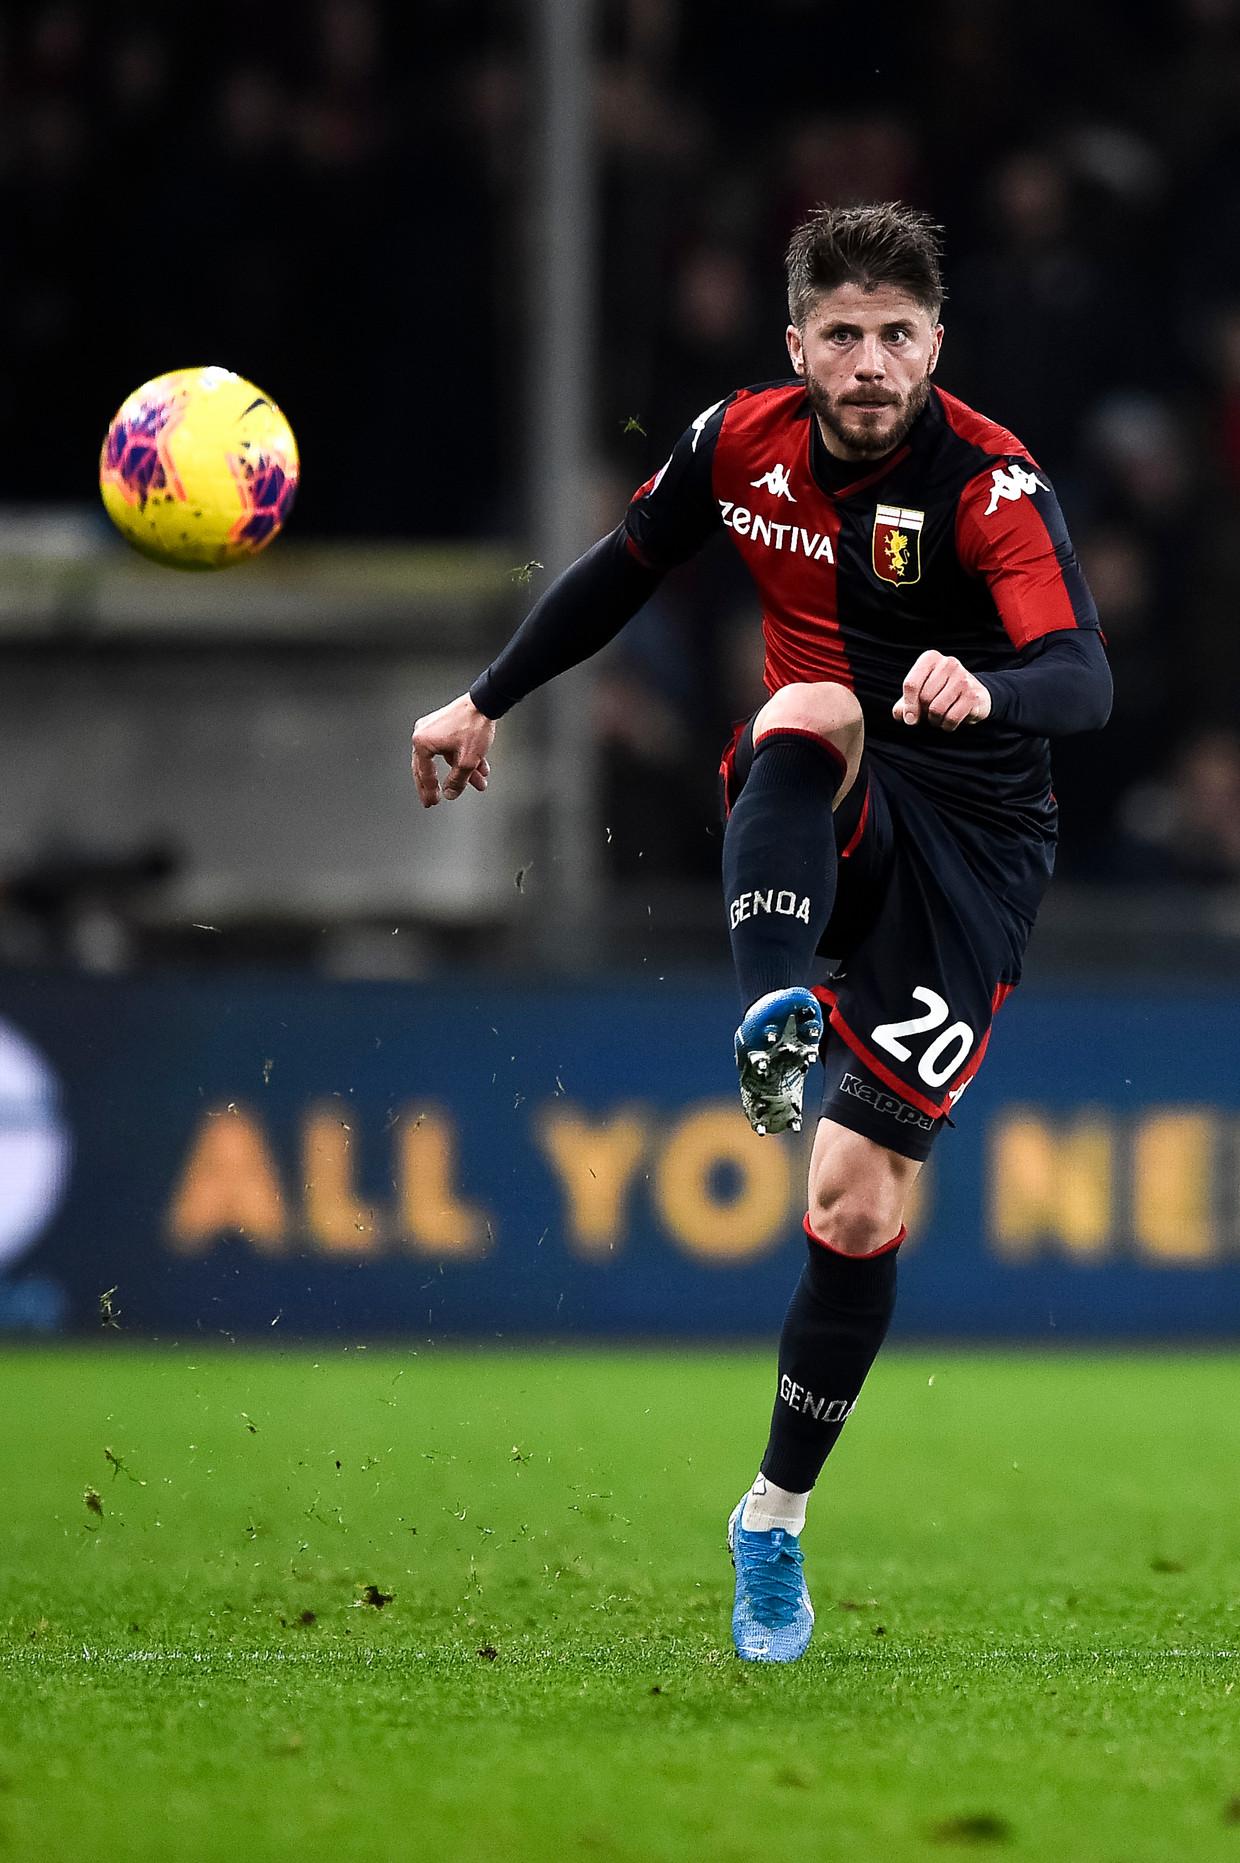 Lasse Schöne probeert het spel van Genoa te sturen. 'In korte tijd zijn er al veel wisselingen geweest.' Beeld LightRocket via Getty Images